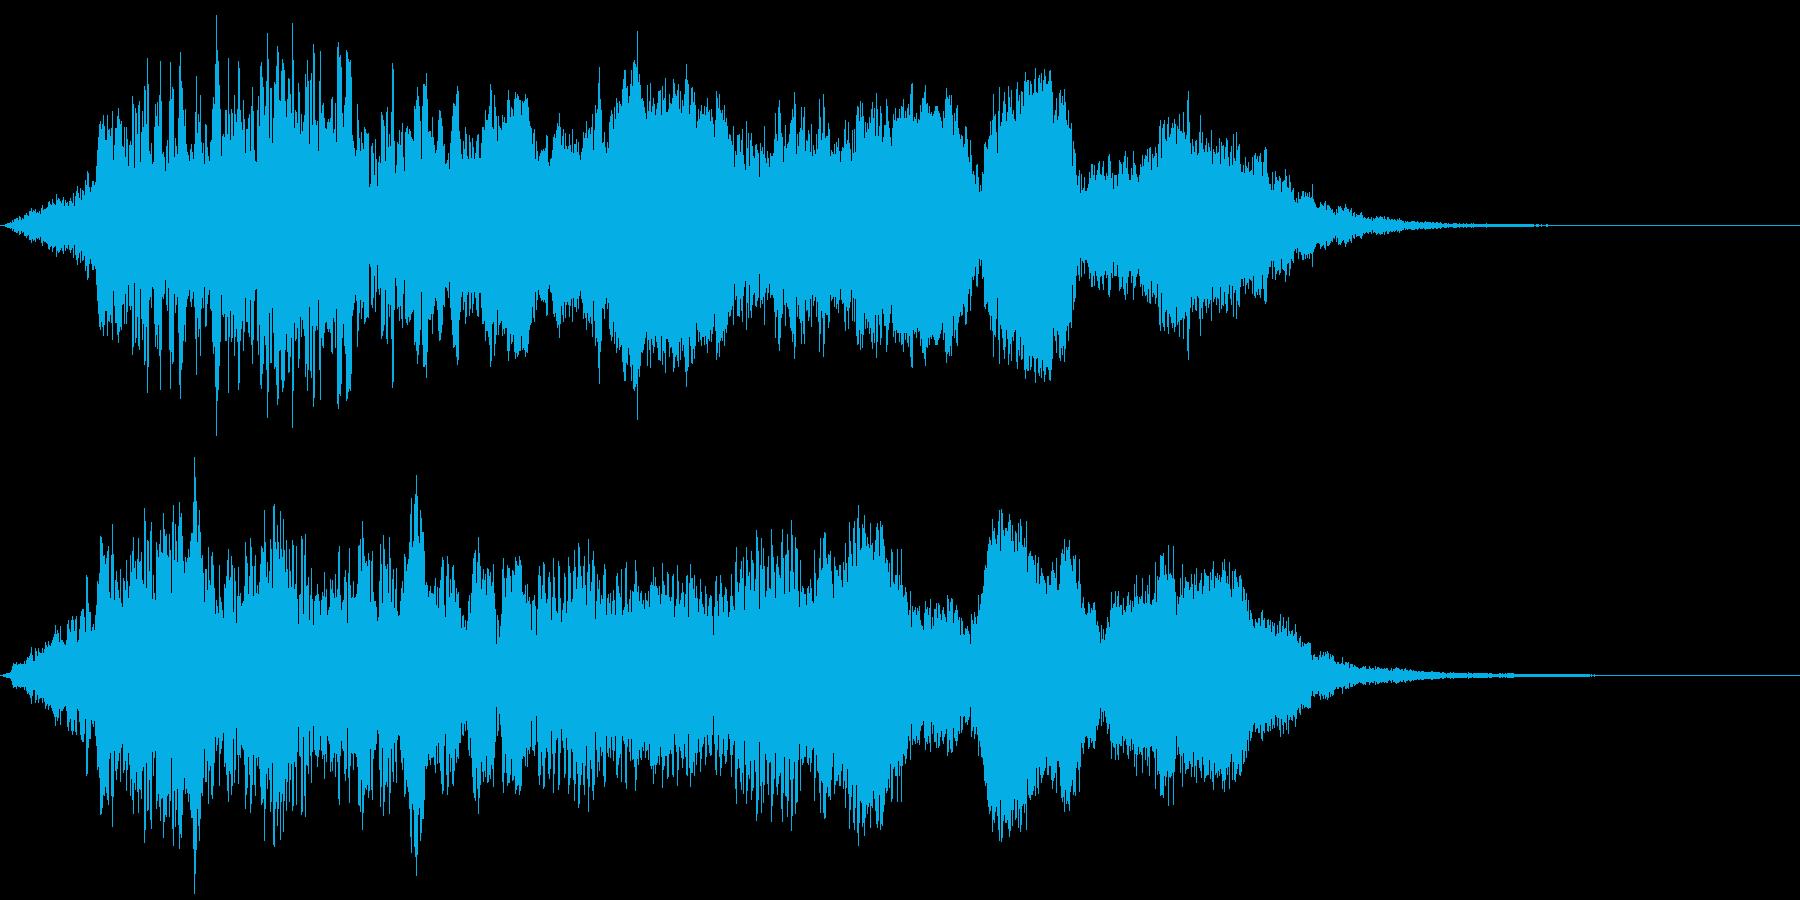 【ホラー】SFX_50 絶望の再生済みの波形